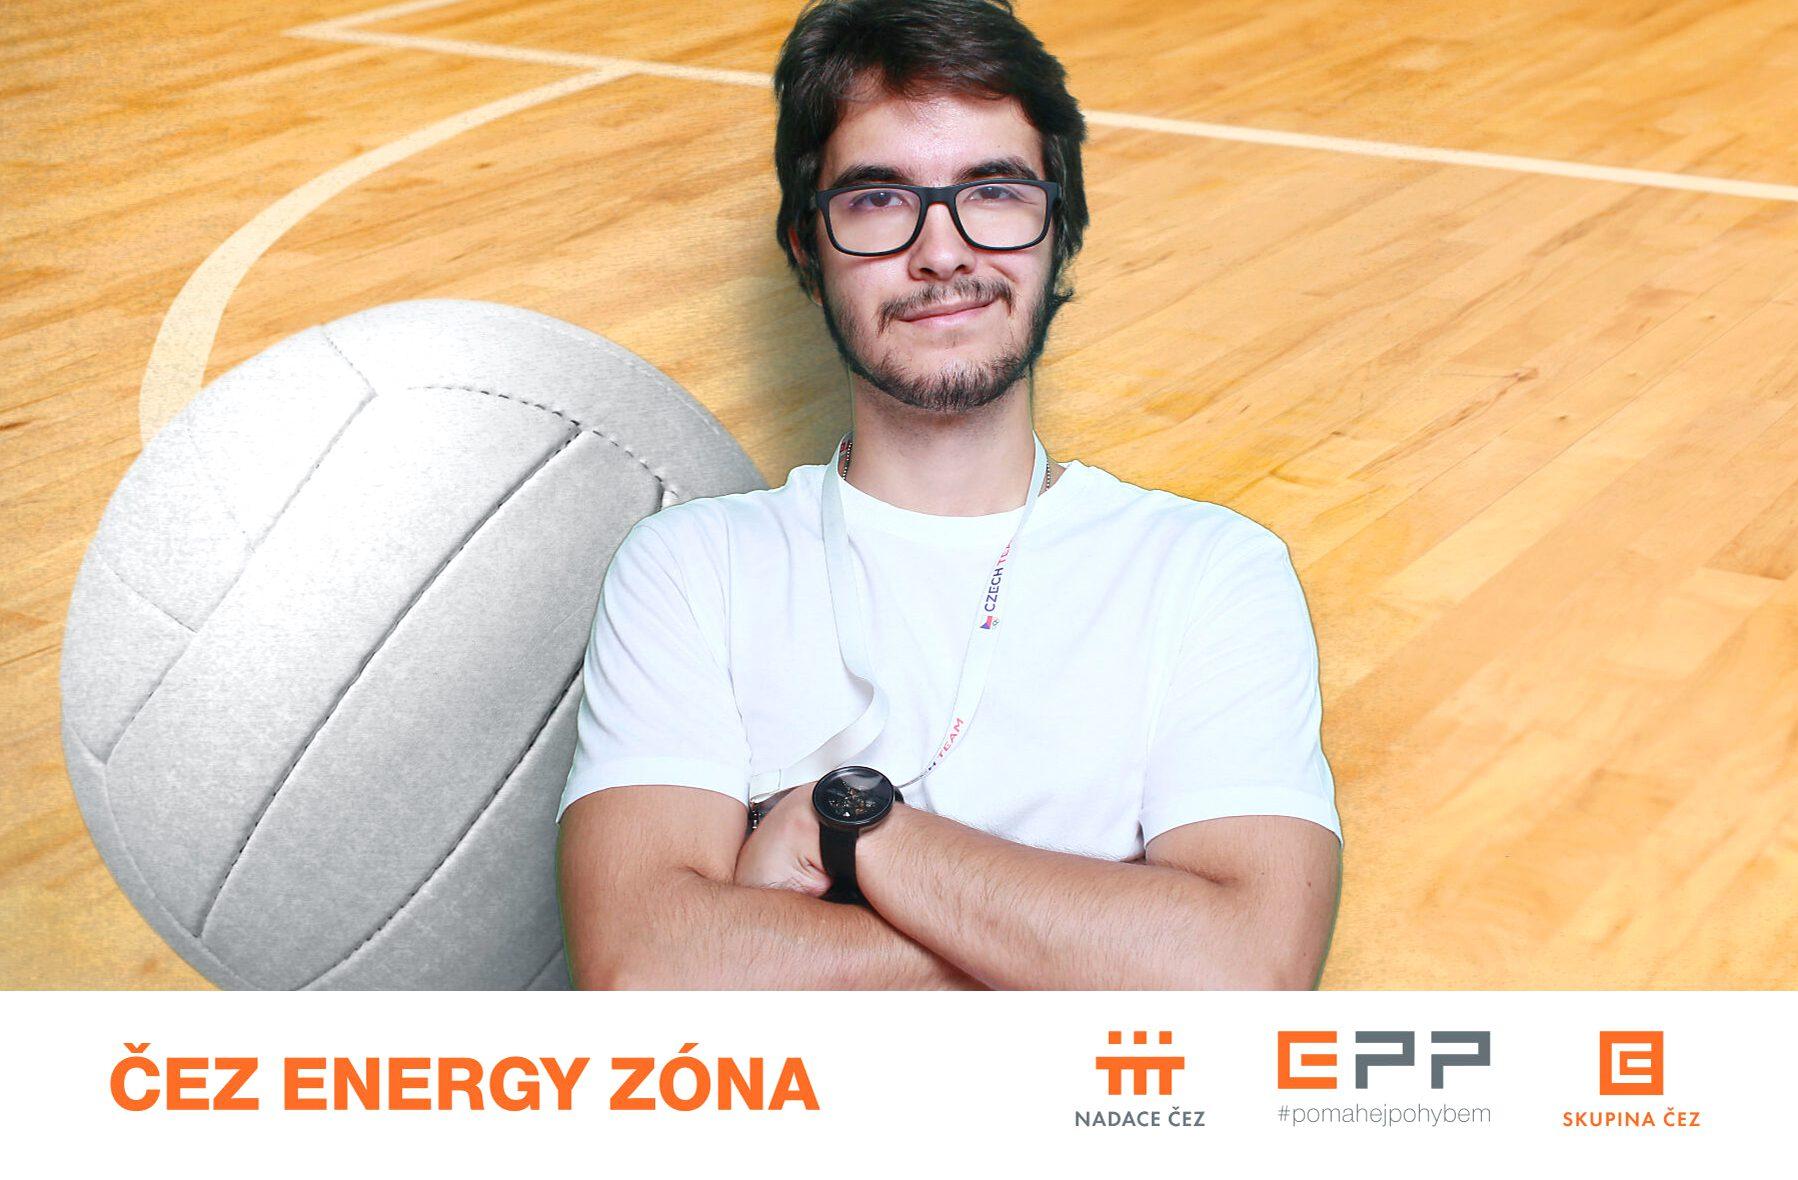 fotokoutek-festival-olympijsky-festival-praha-olympijsky-festival-cez-energy-zona-28-7-2021-738668